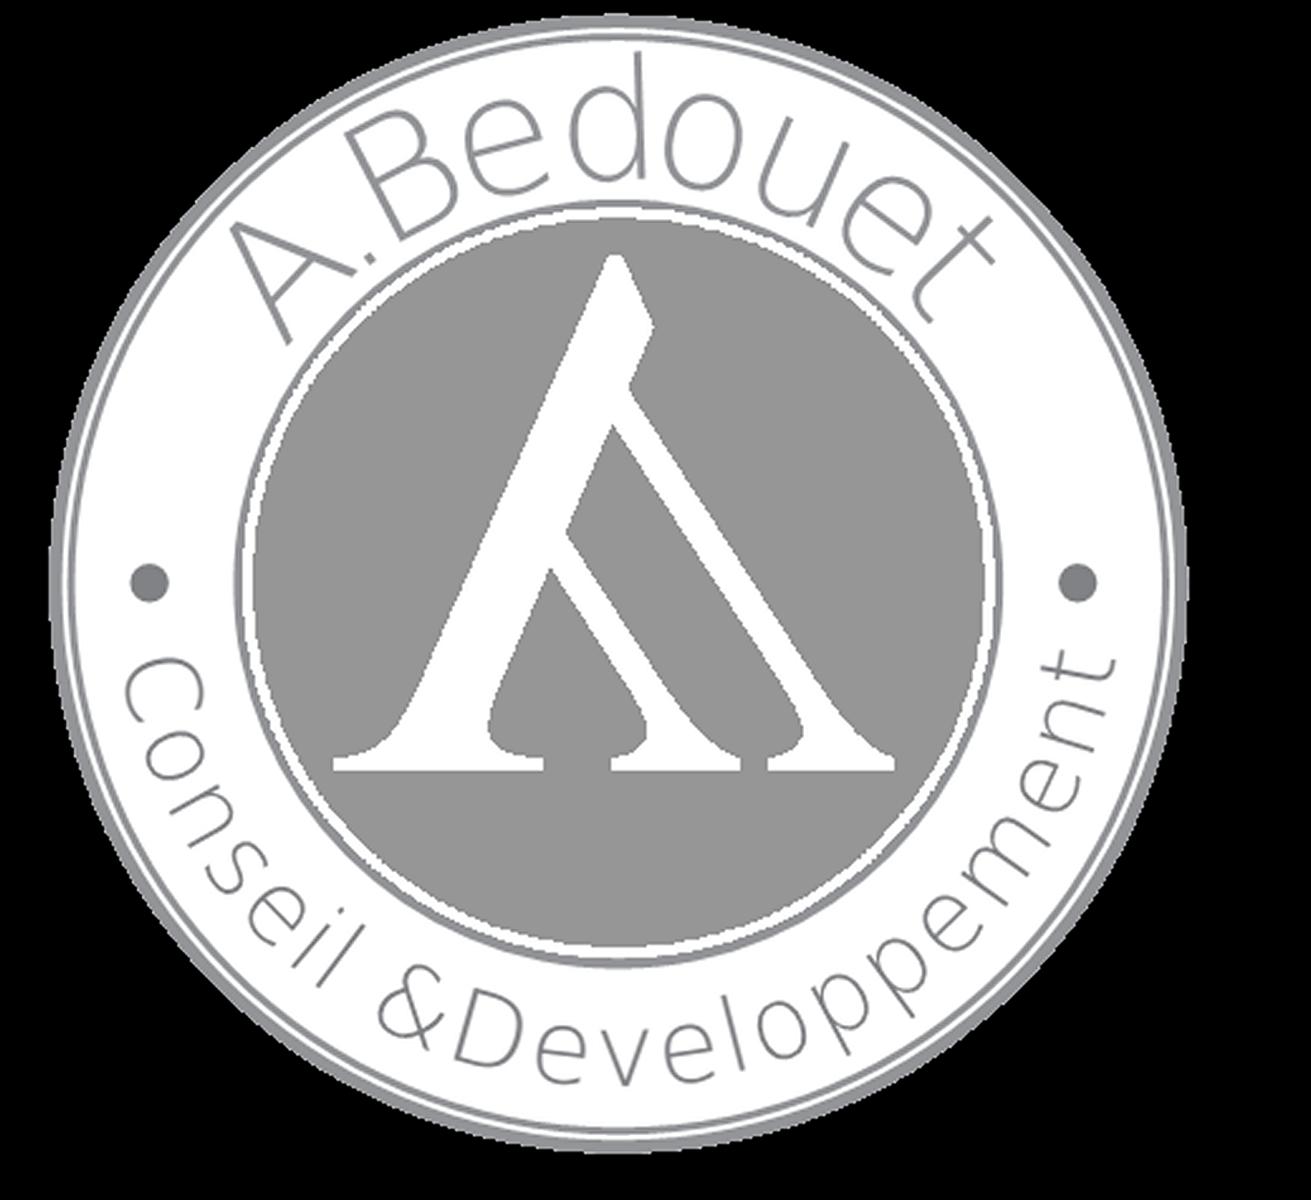 Alexandra BEDOUET Conseil et Développement